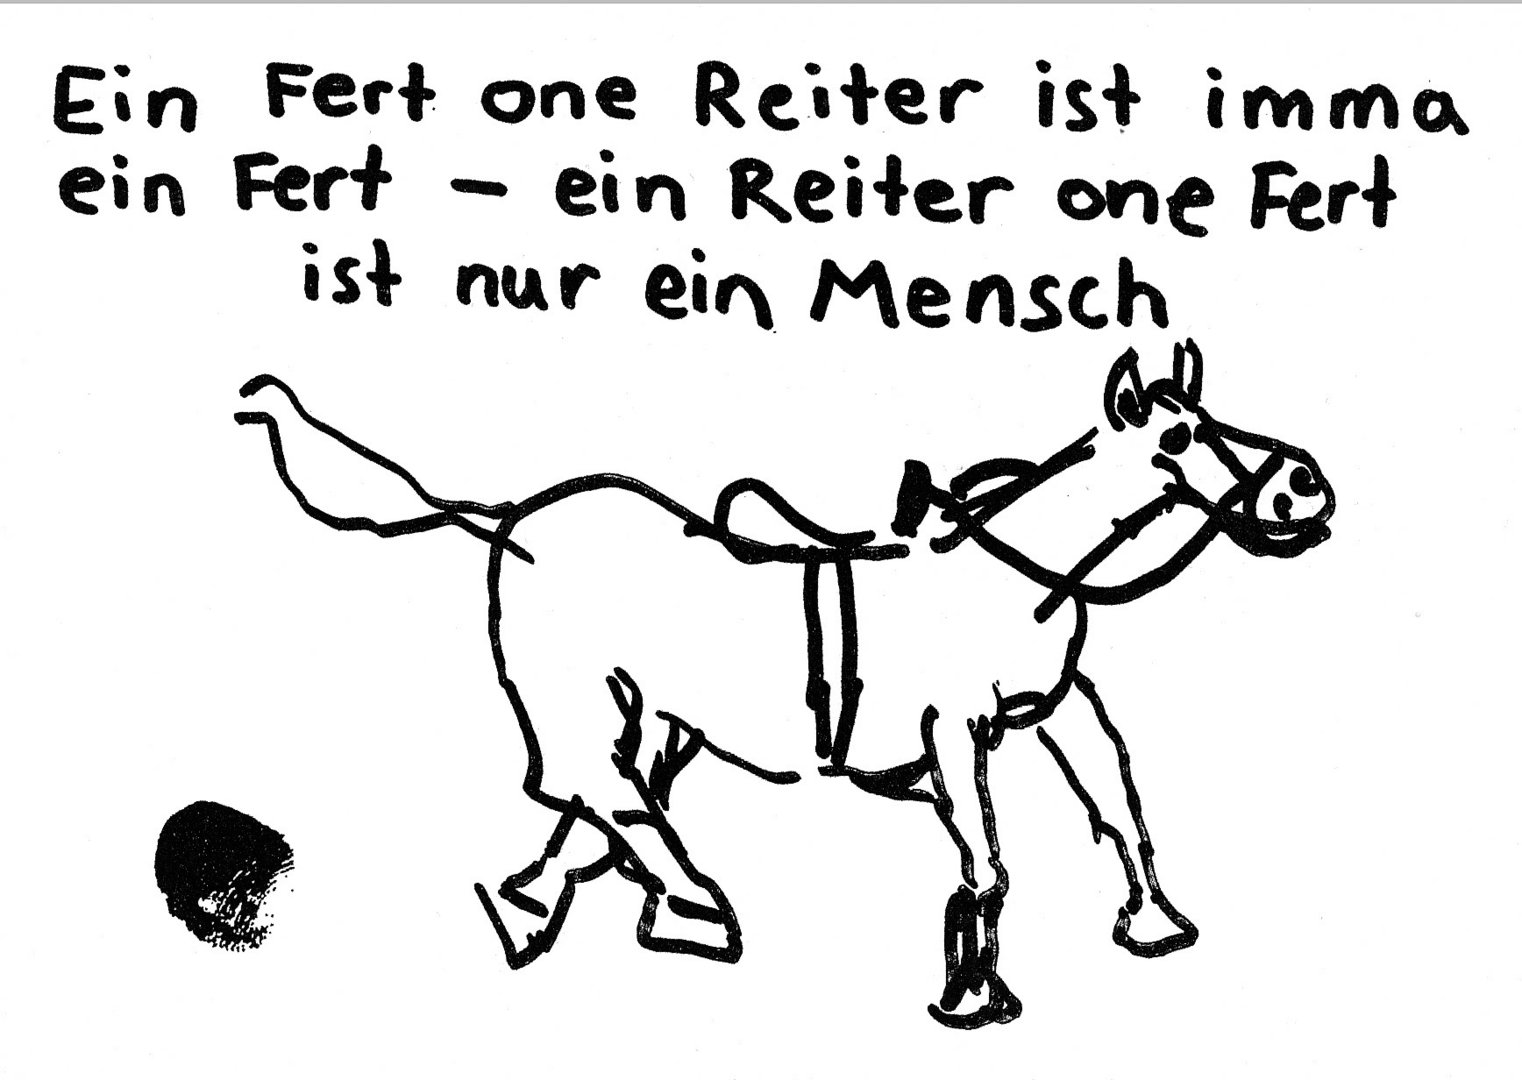 Fert Ohne Reiter